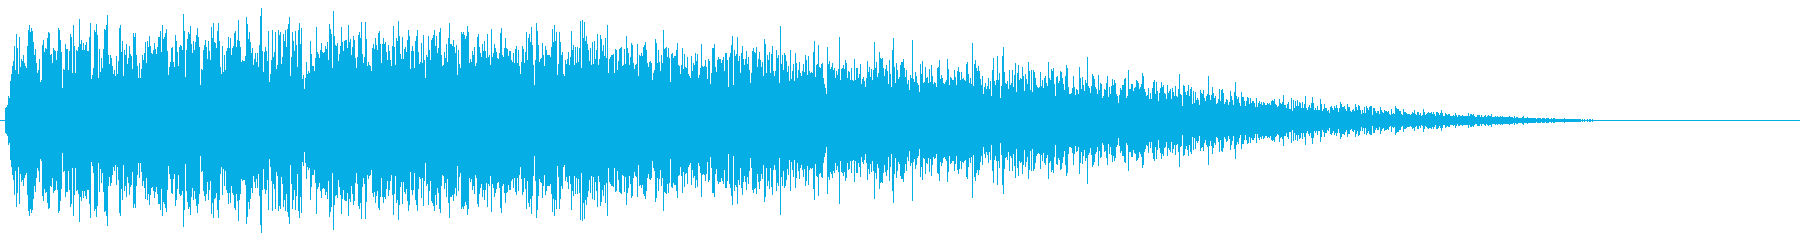 SynthSweep EC03_34_2の再生済みの波形